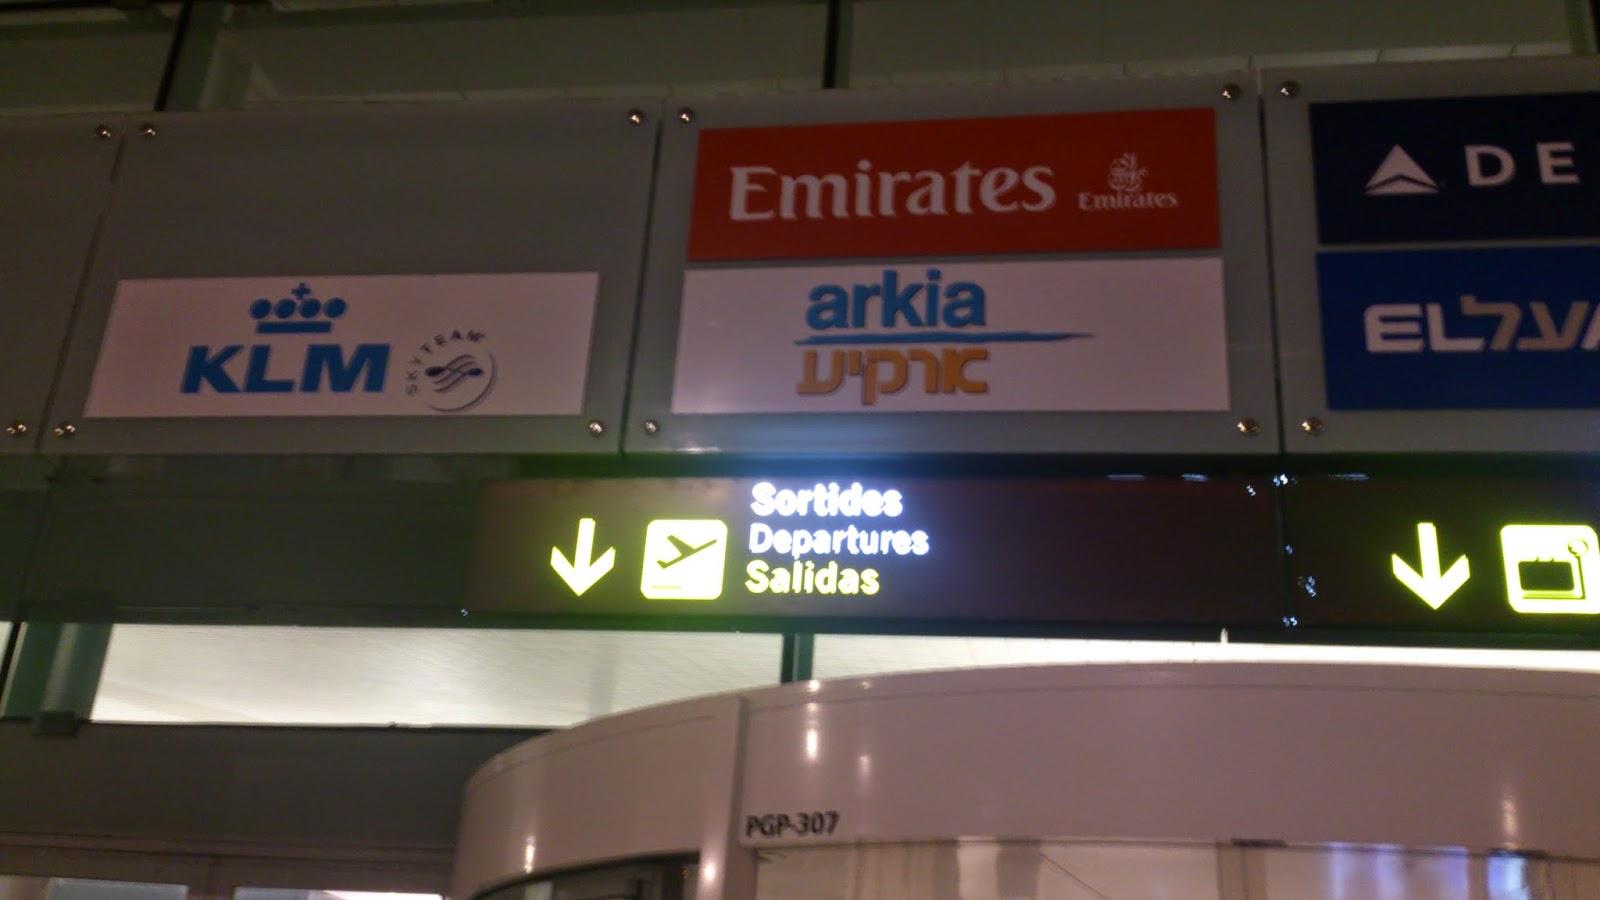 terminal 1 de barcelona klm